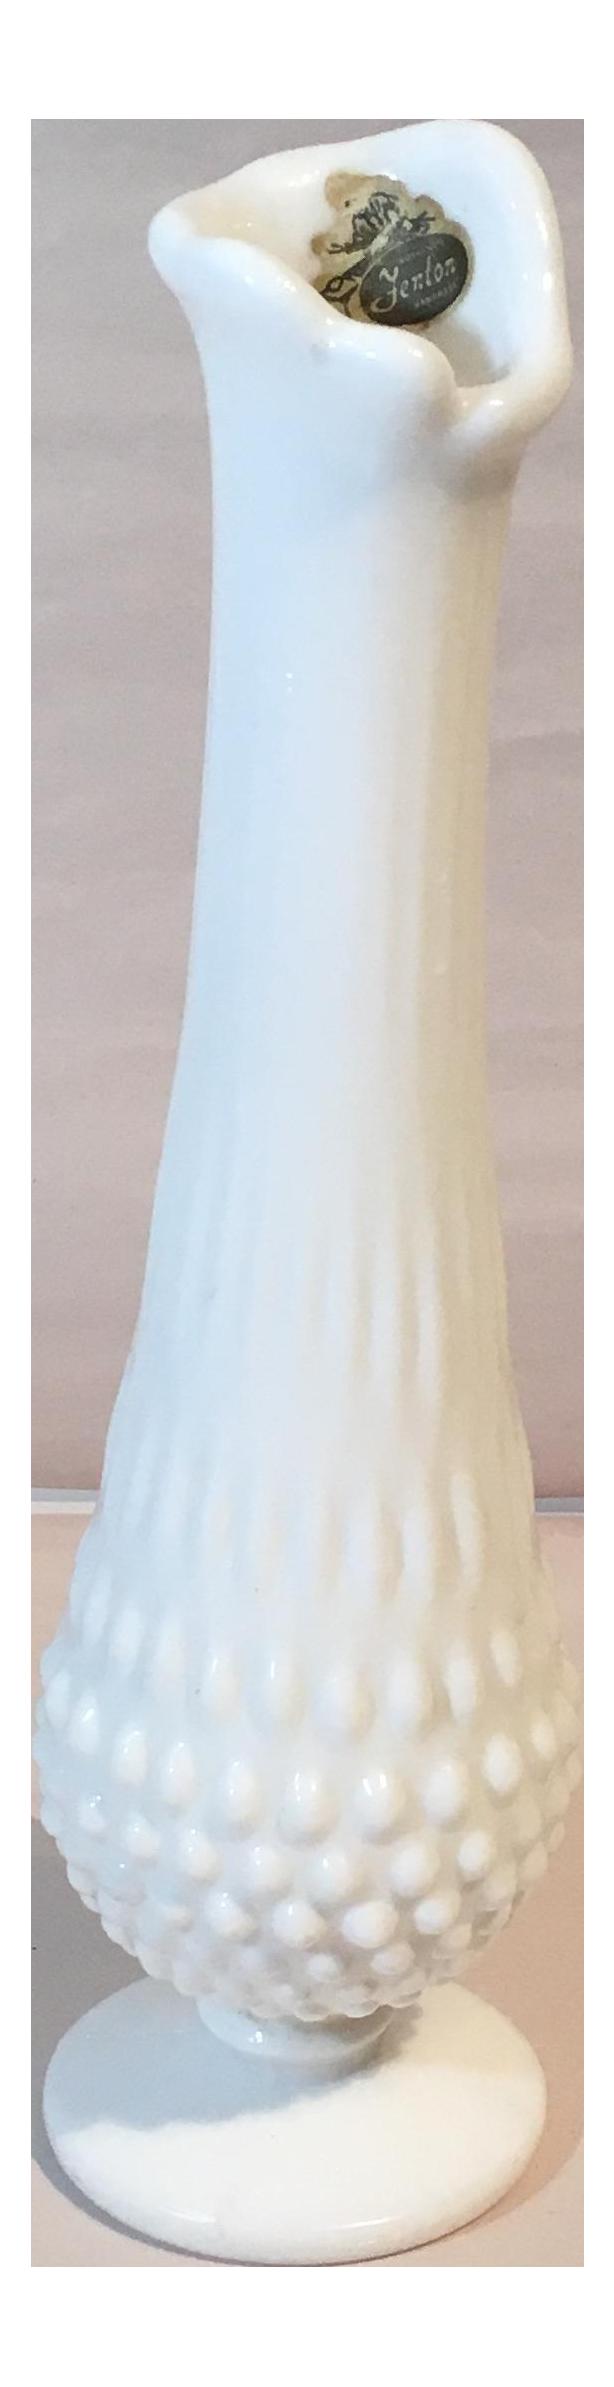 Fenton hobnail milk glass swung bud vase chairish reviewsmspy